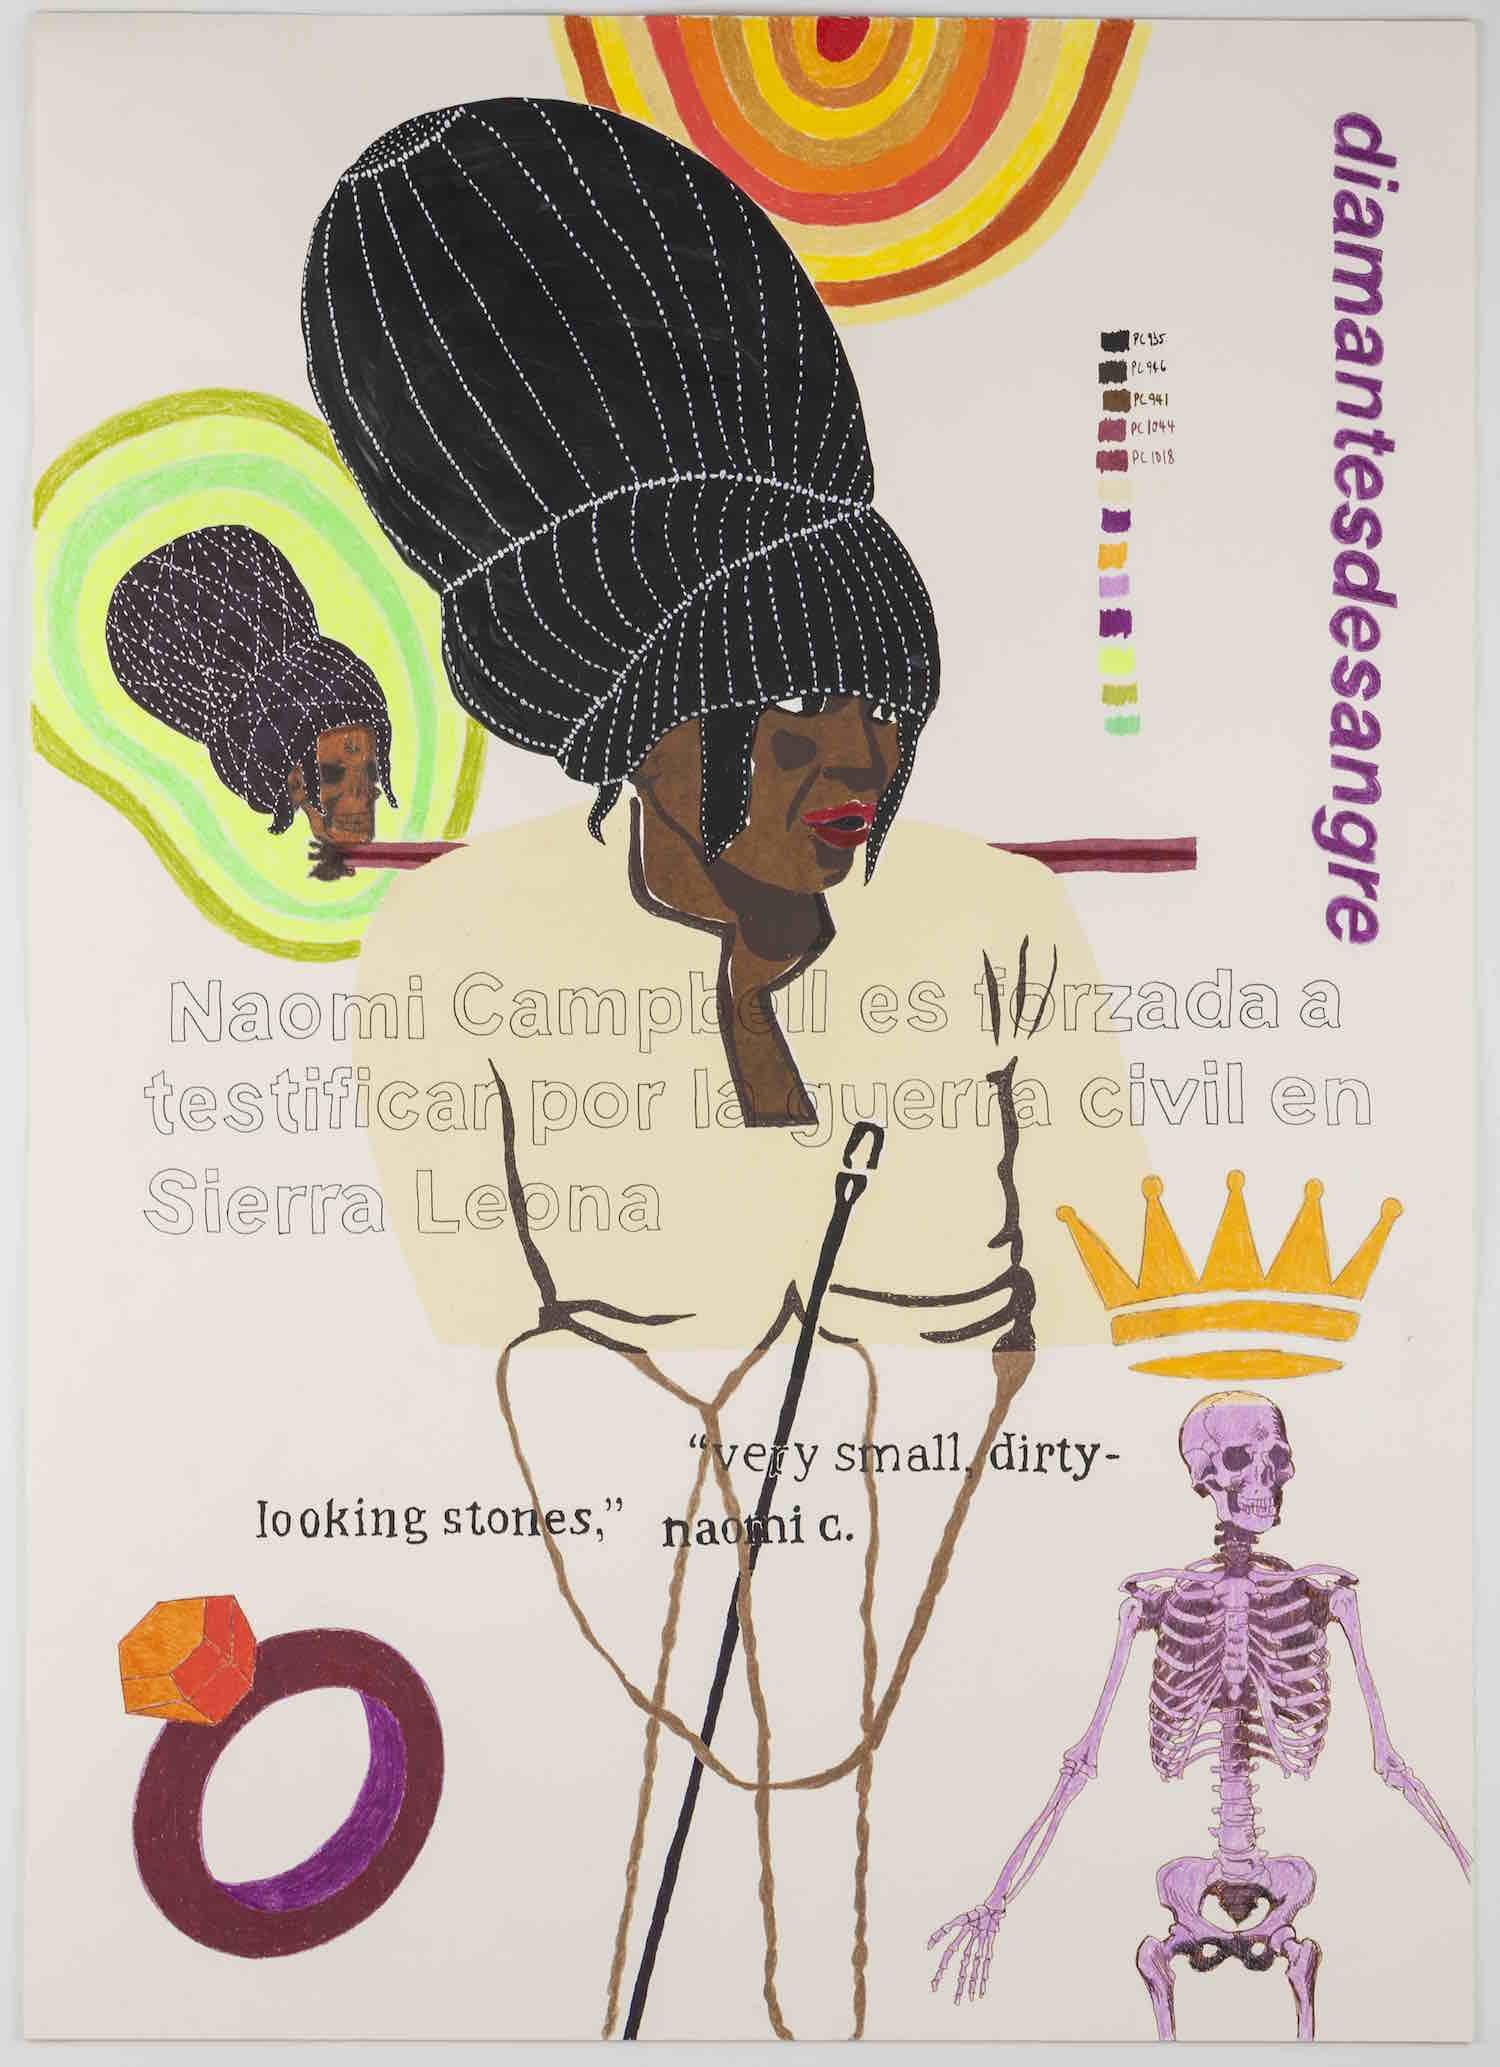 """Naomi   La supermodelo Naomi Campbell, fue llamada y forzada a testificar en la corte de Halle, en contra de Charles Taylor, antiguo presidente de Liberia, África. Su testimonio, contribuyo a juzgar al presidente Taylor por sus nexos con el mercado negro de diamantes, llamados """"Diamantes de sangre"""", en el vecino país de Sierra León. Esta serie ilustra como una crisis política puede ser """"glamourizada"""" cuando una estrella del modelaje resulta involucrada indirectamente dentro del conflicto.    Serigrafía, grafito y lápiz de color, 70 x 50 cm. 2013"""